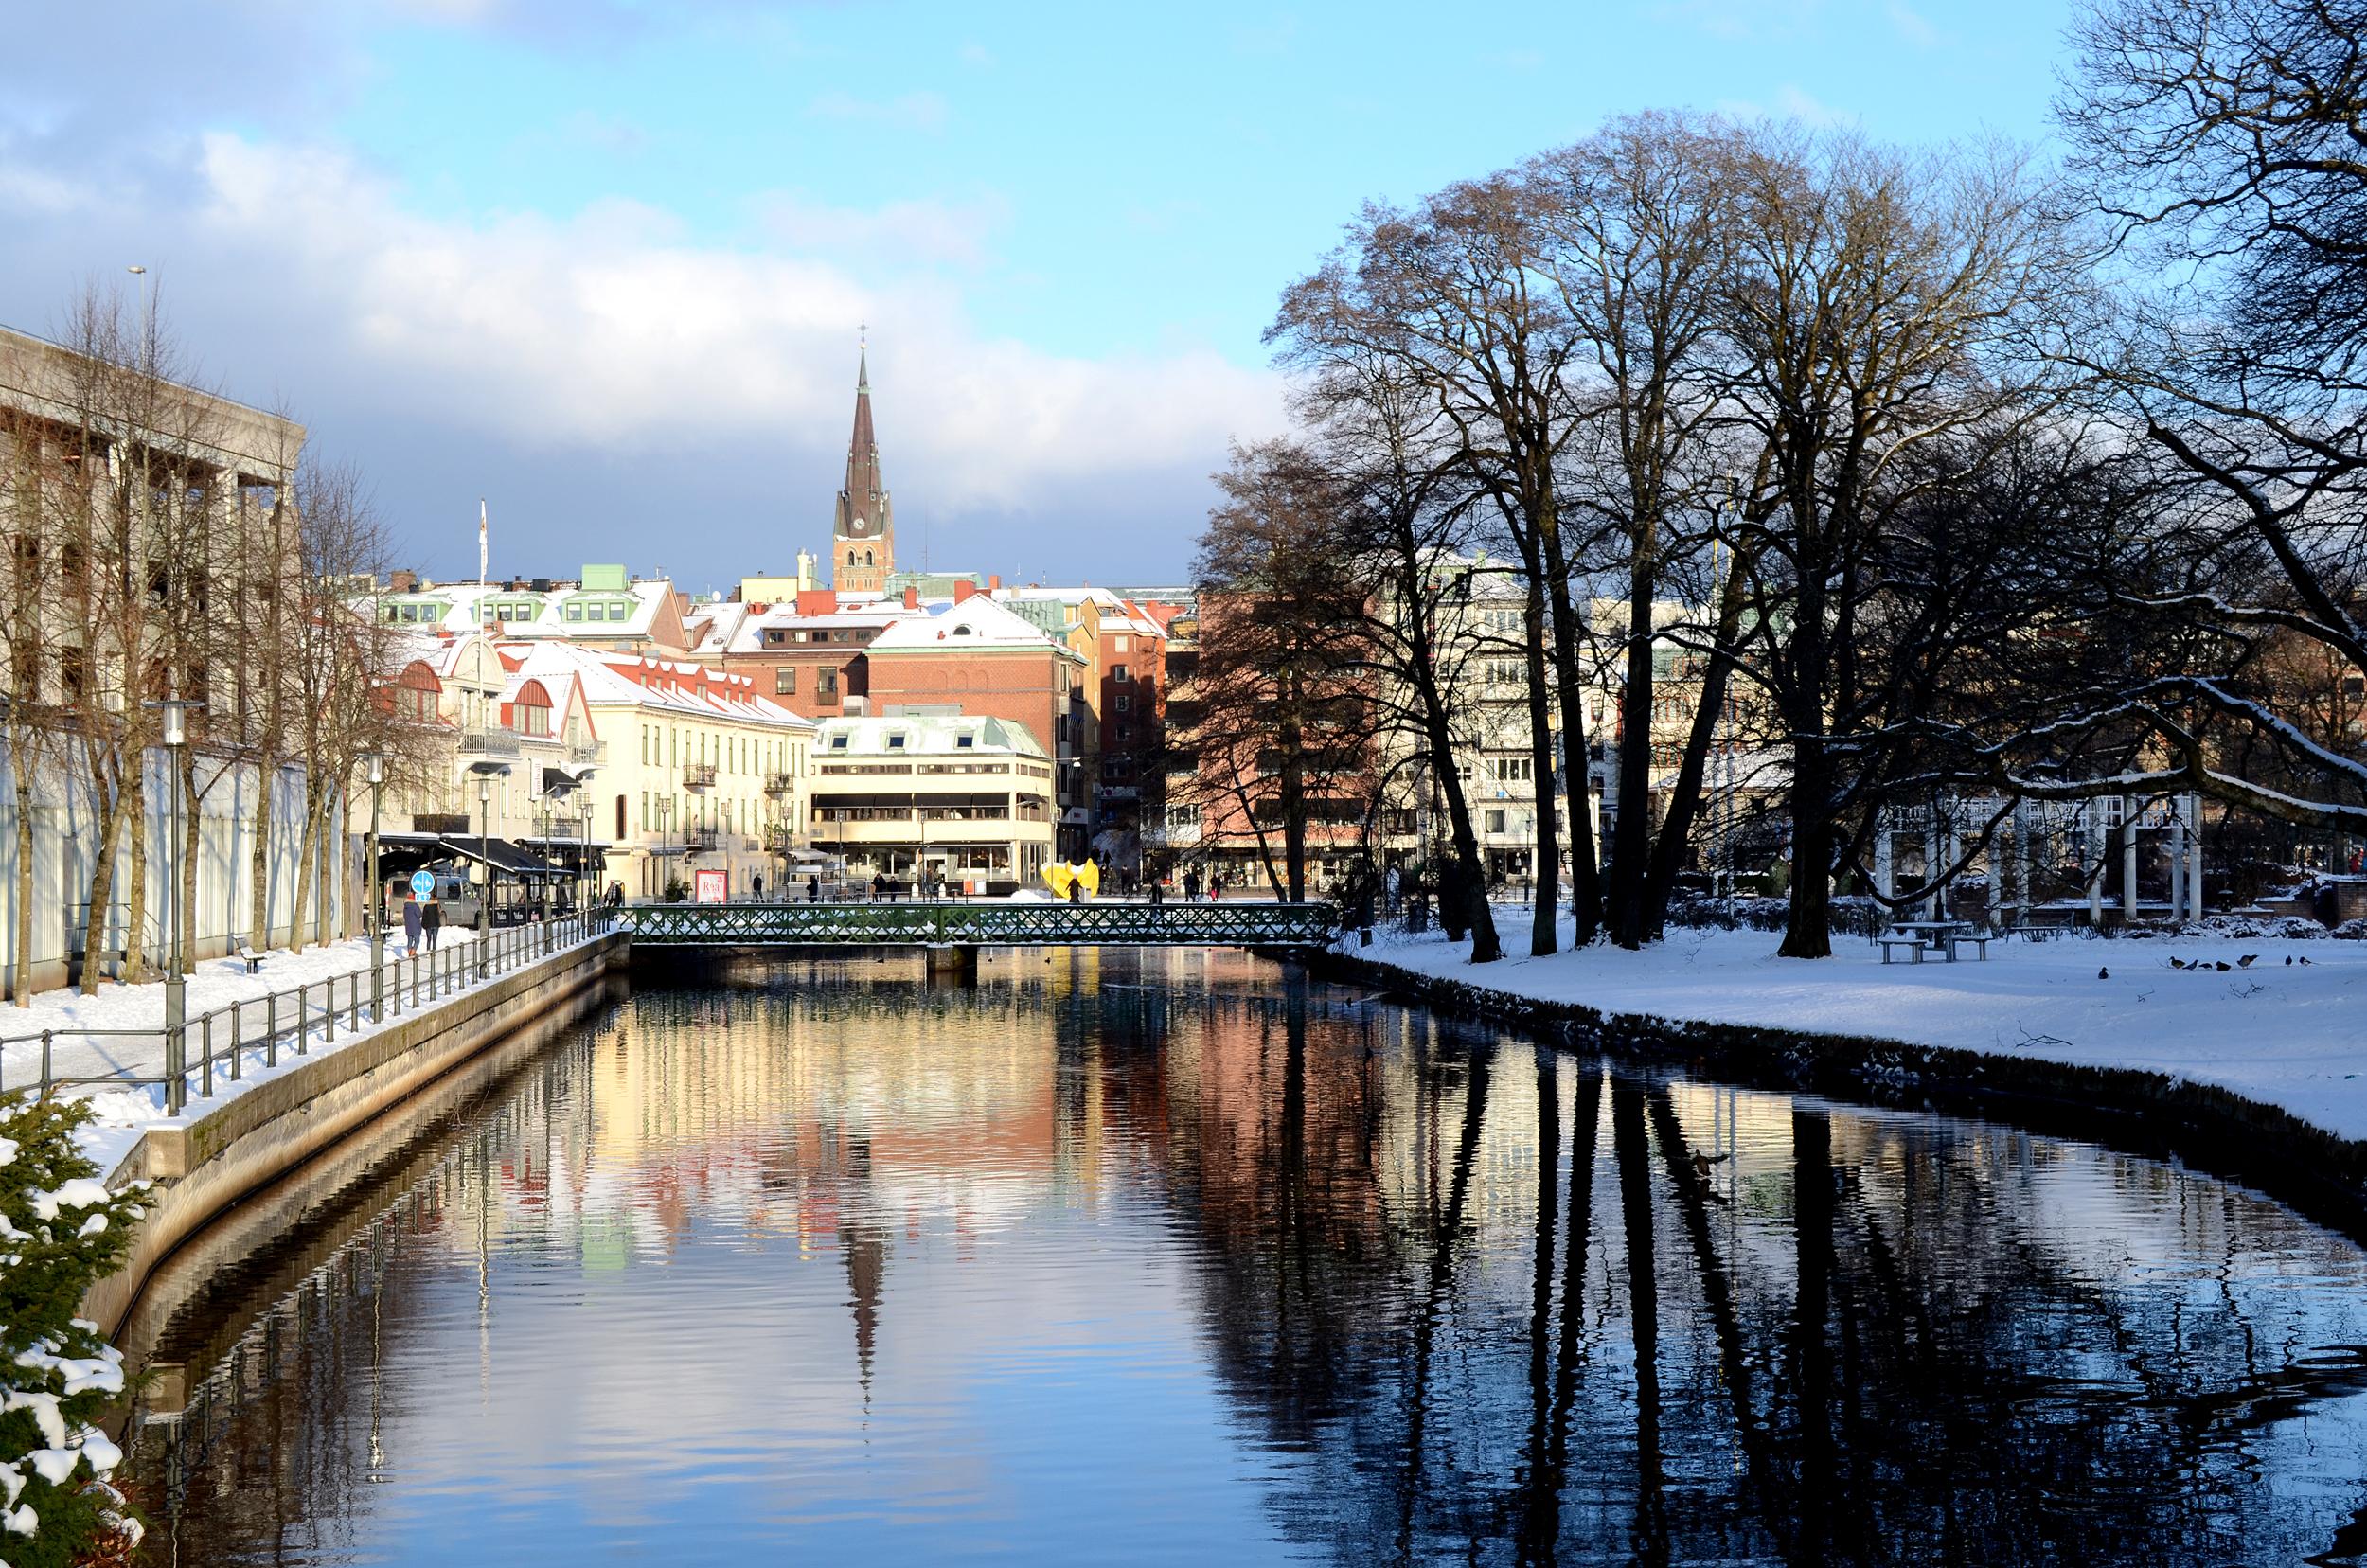 Sveriges största städer - Borås